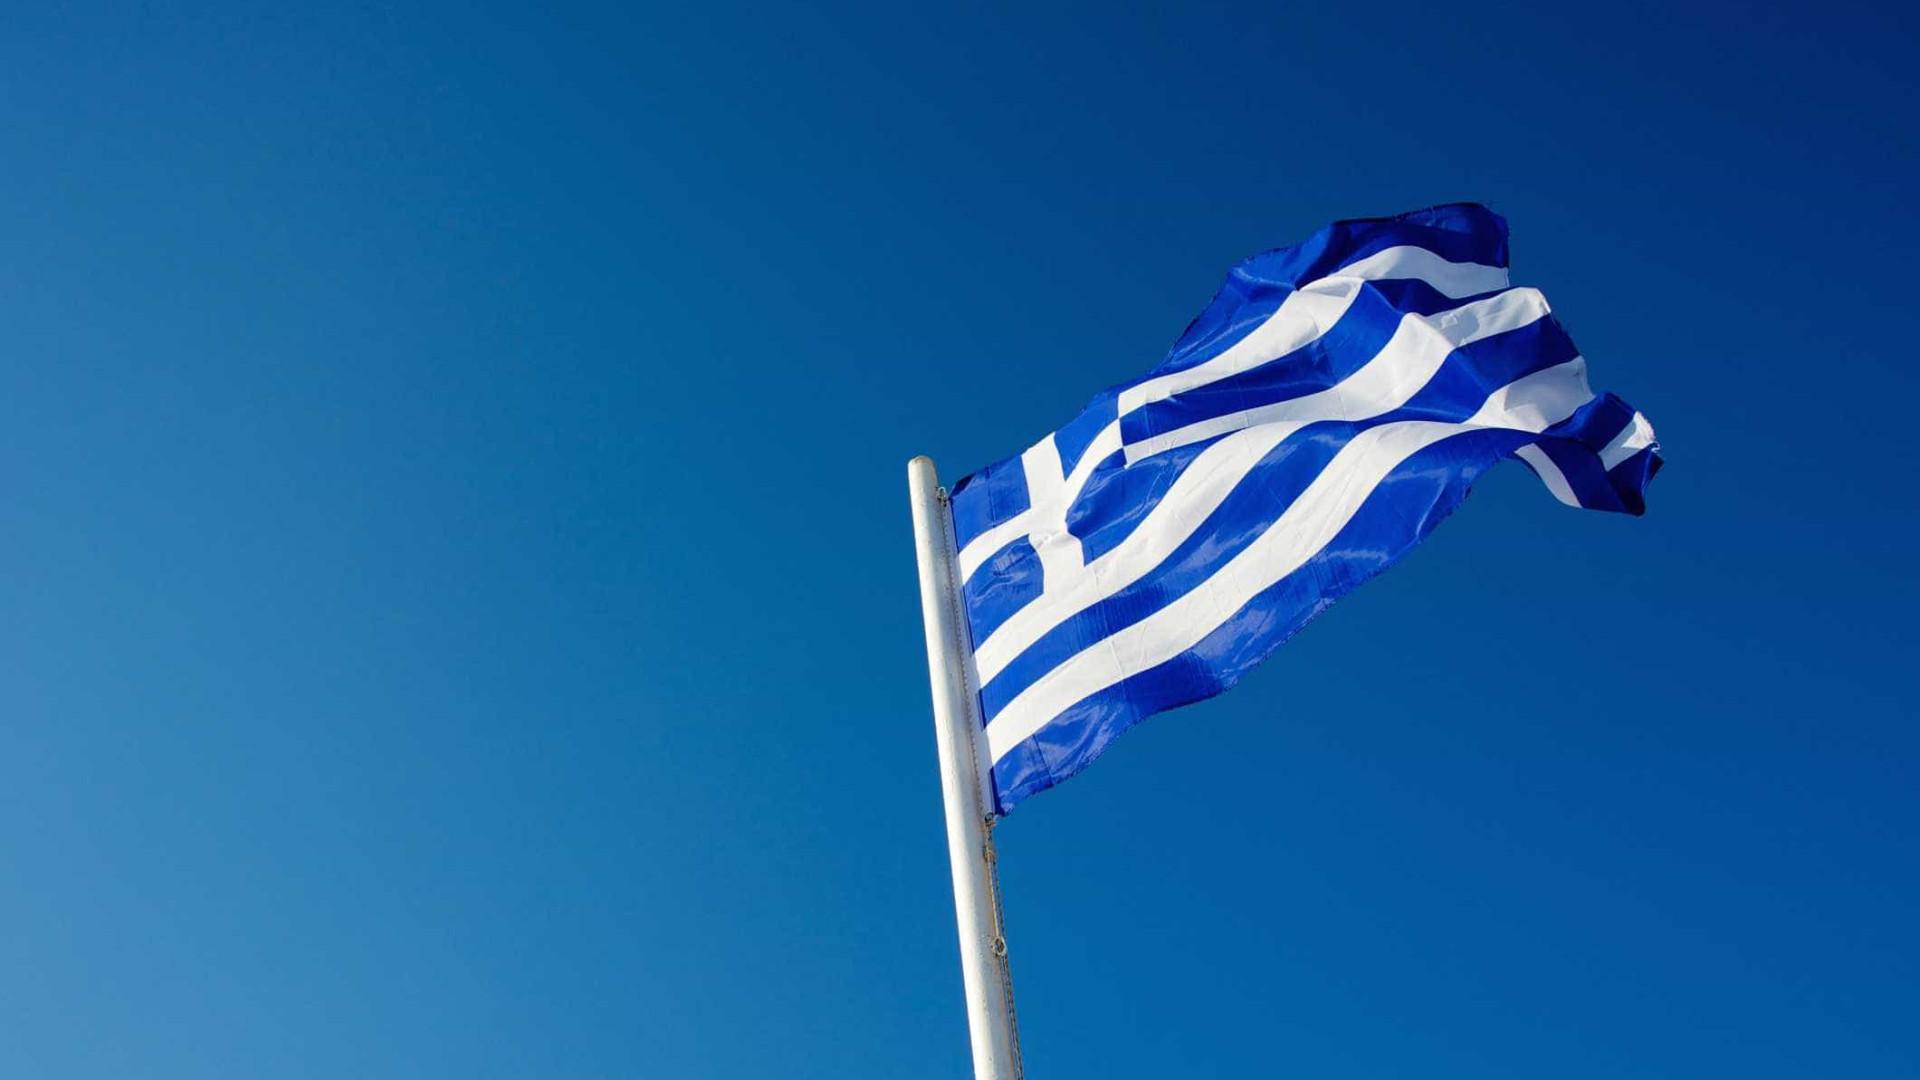 Desemprego cai para 18,6% em setembro na Grécia